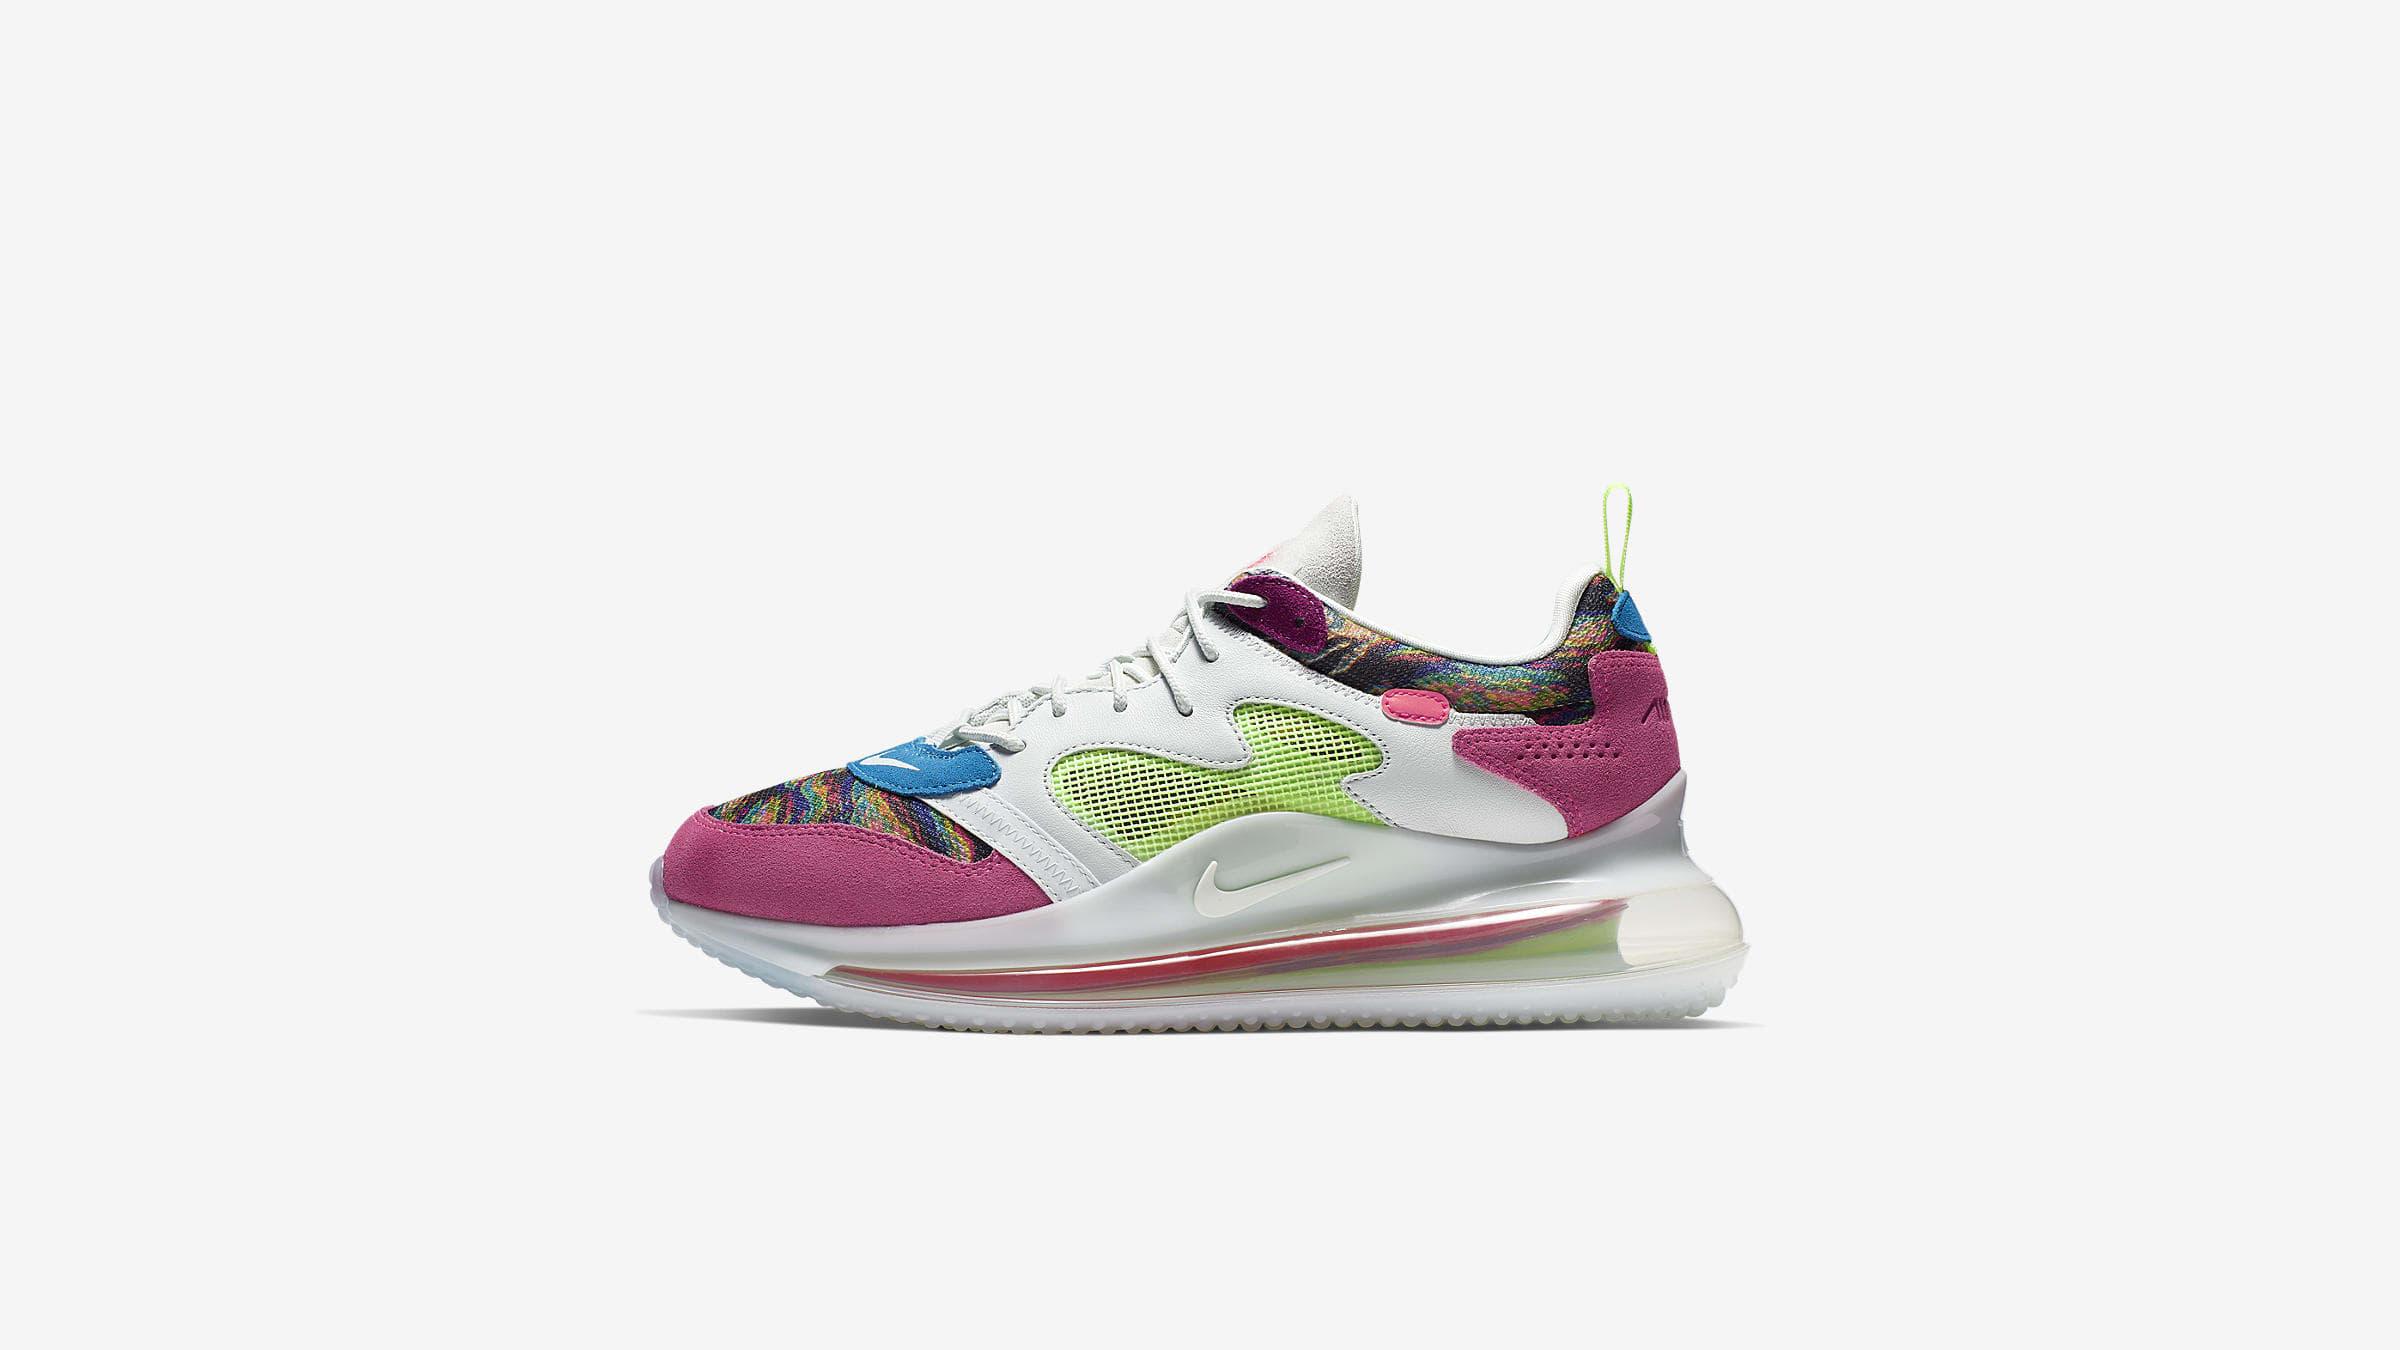 Nike x Odell Beckham Jr Air Max 720 CK2531_900